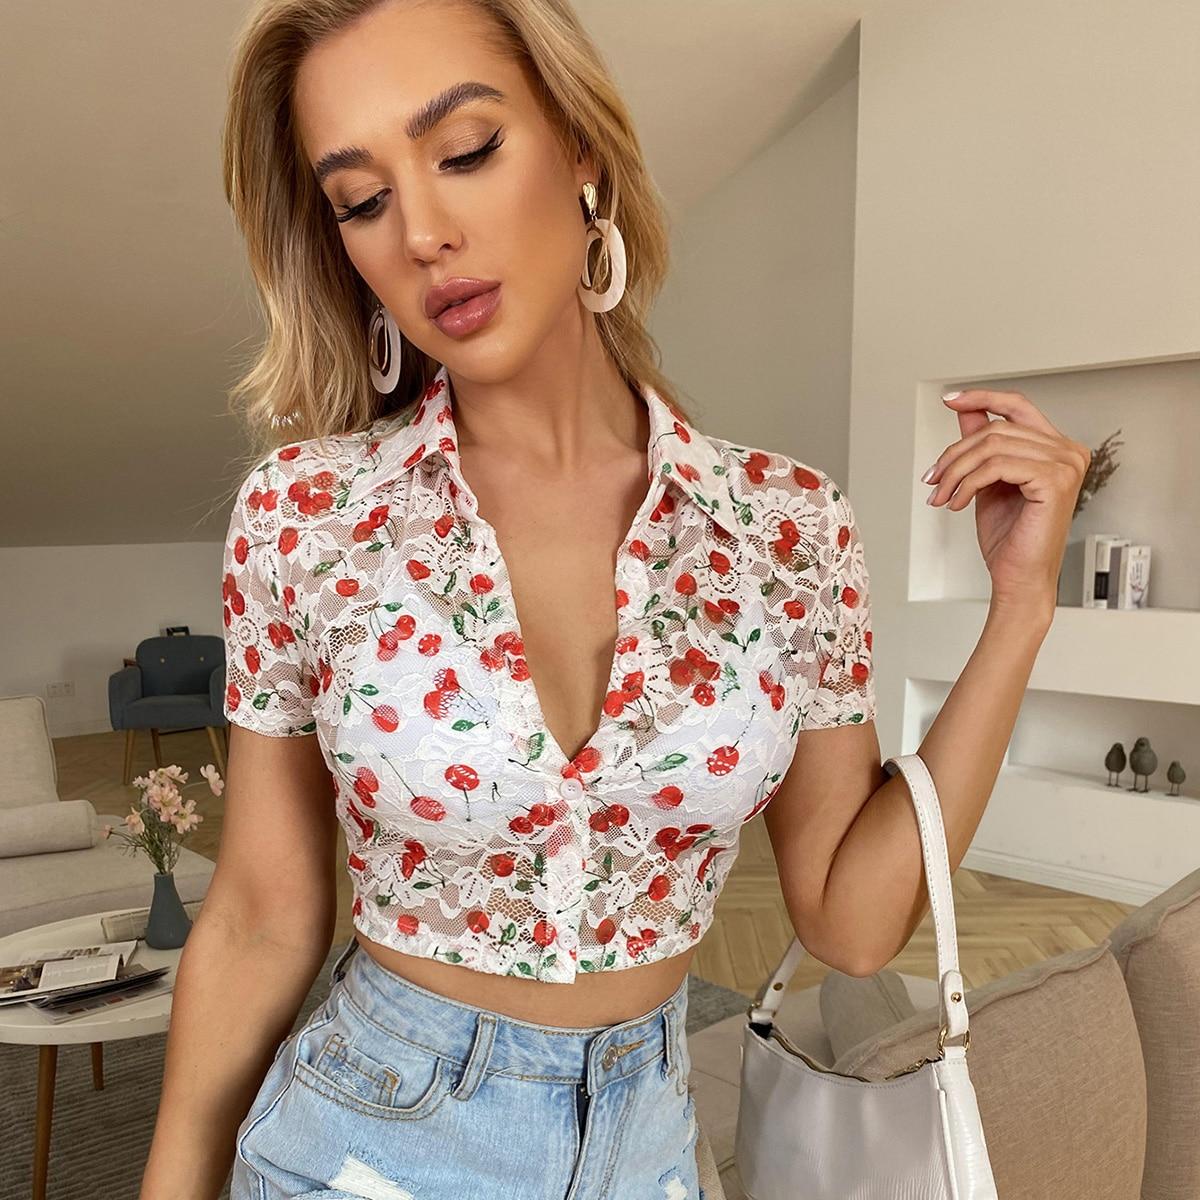 Кружевная блузка с принтом вишни без бюстгальтера